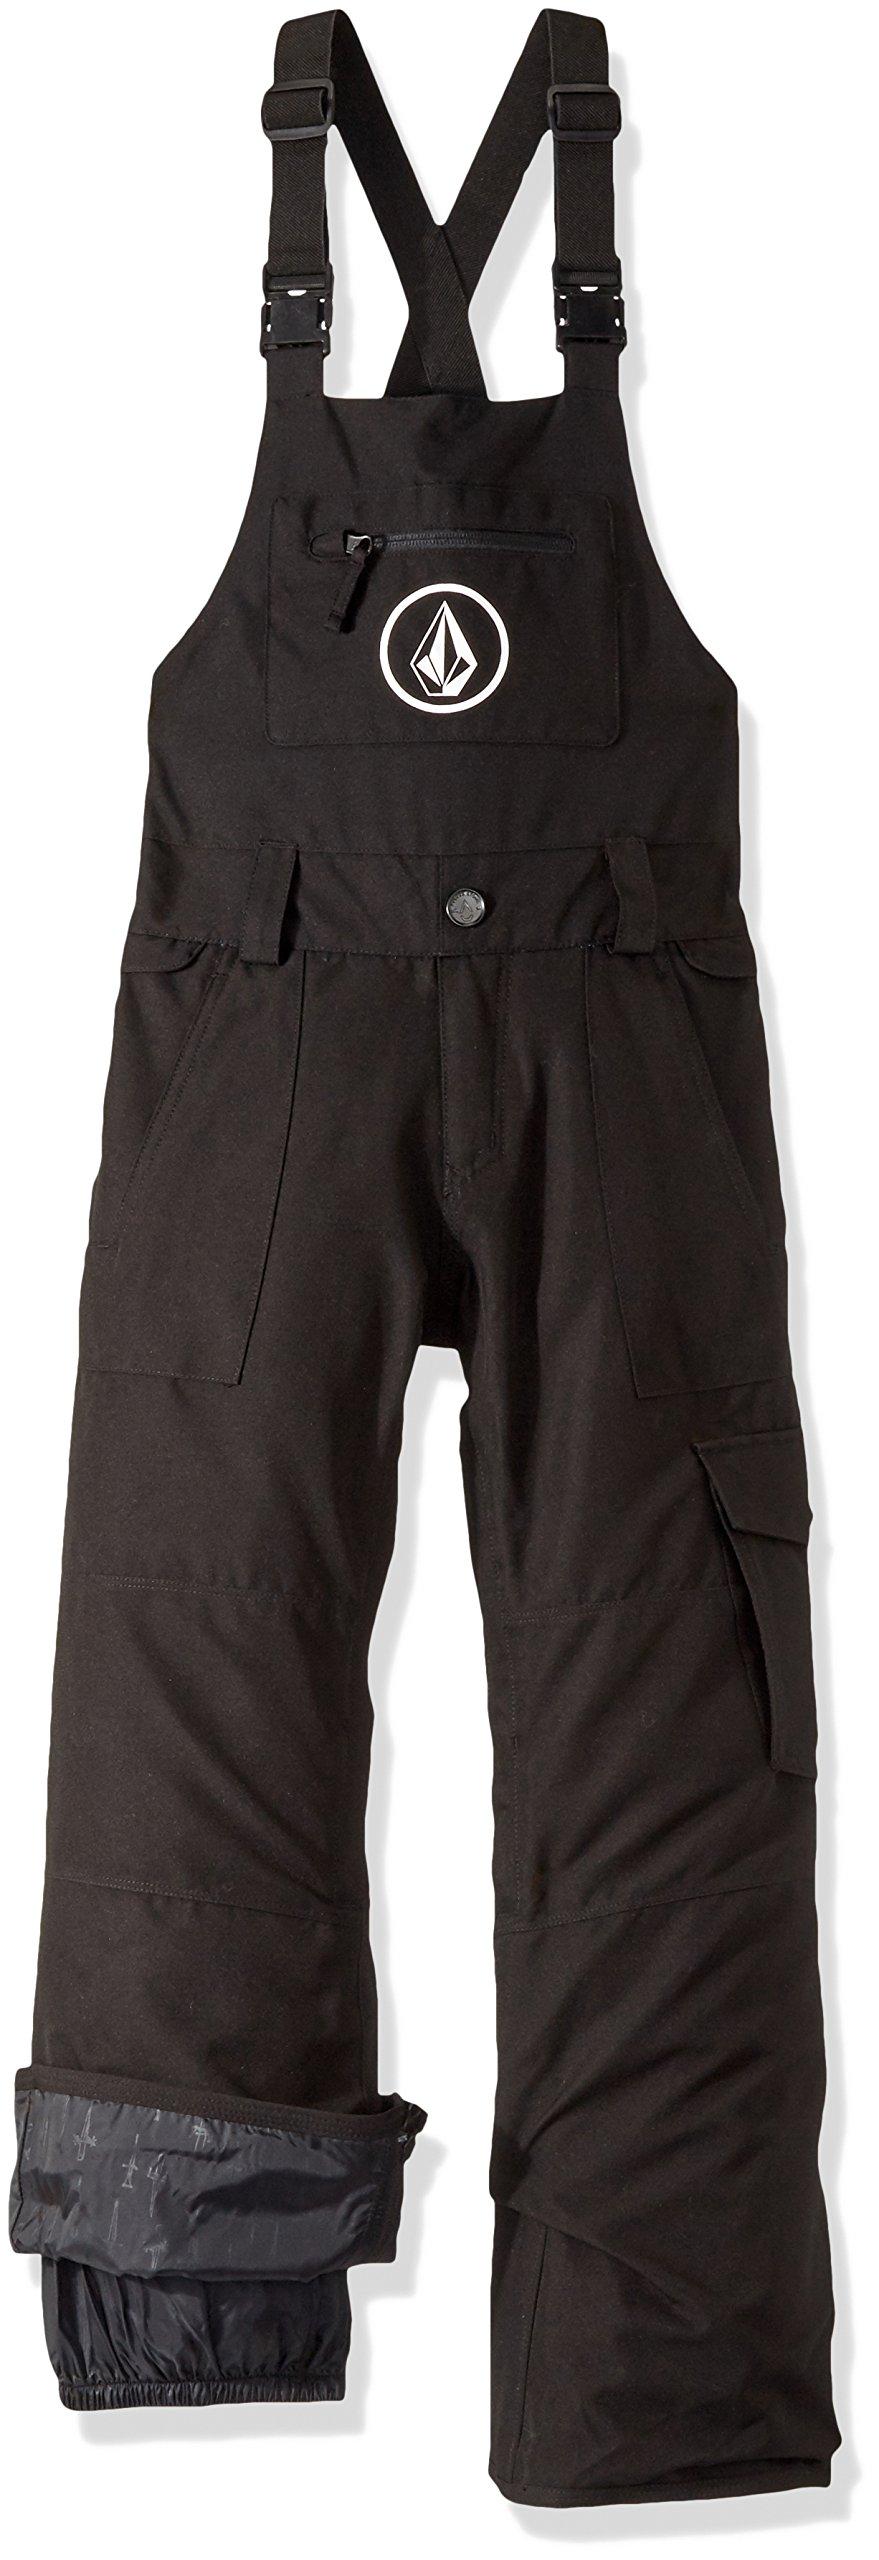 Volcom Big Boys' Sutton Insulated Overall, Black, L by Volcom